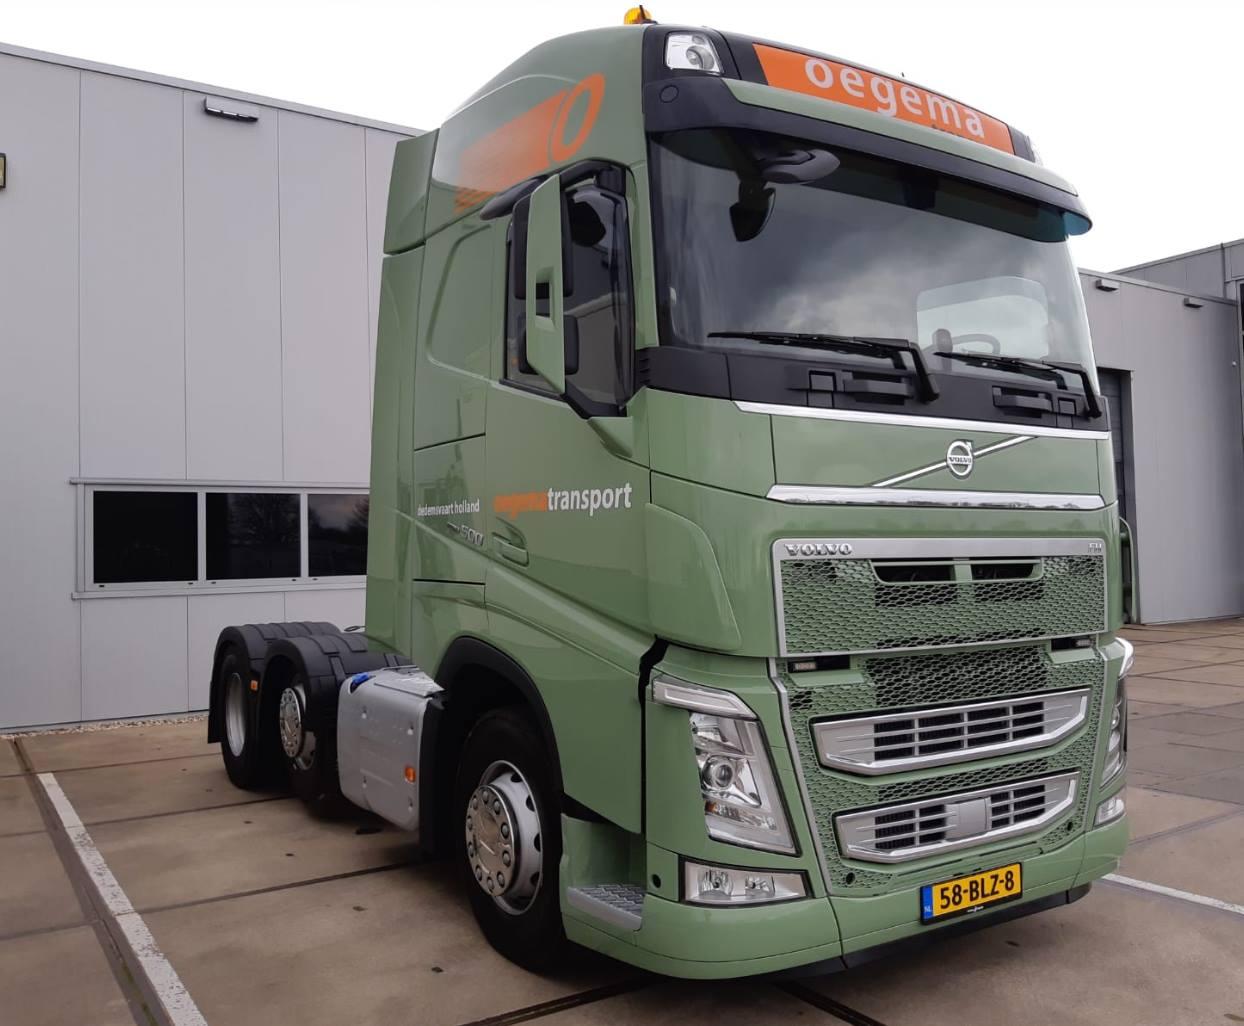 Rick-heeft-zijn-nieuwe-dikke-Volvo-Truck-ook-en-stapt-vanuit-de-garage-de-truck-op--27-3-2019--2